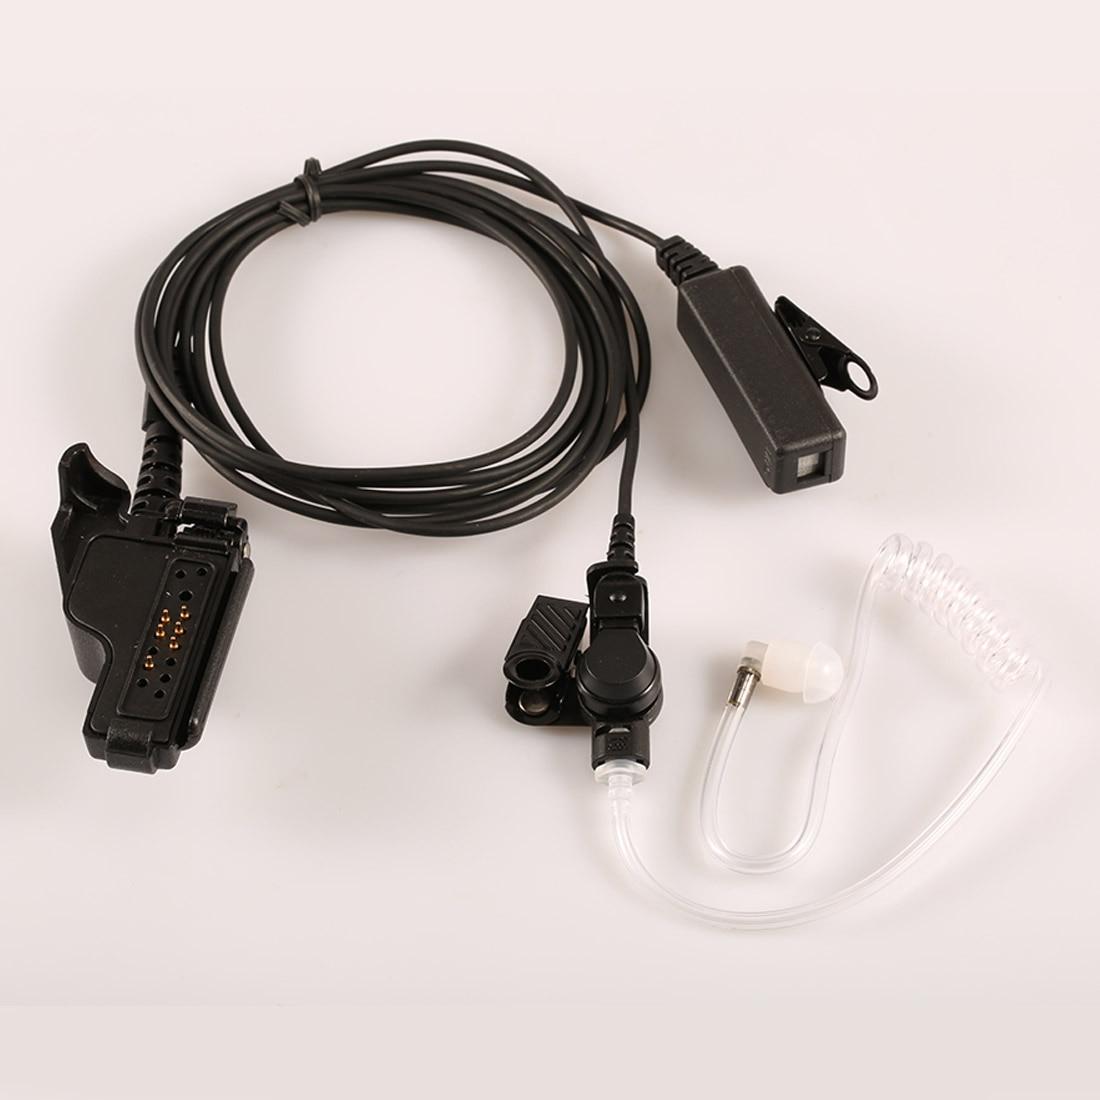 모토로라 HT1000 XTS3000 XTS5000 2500 핸드 헬드 양방향 라디오에 대 한 마이크와 안티 방사선 워키 토키 PTT 헤드셋